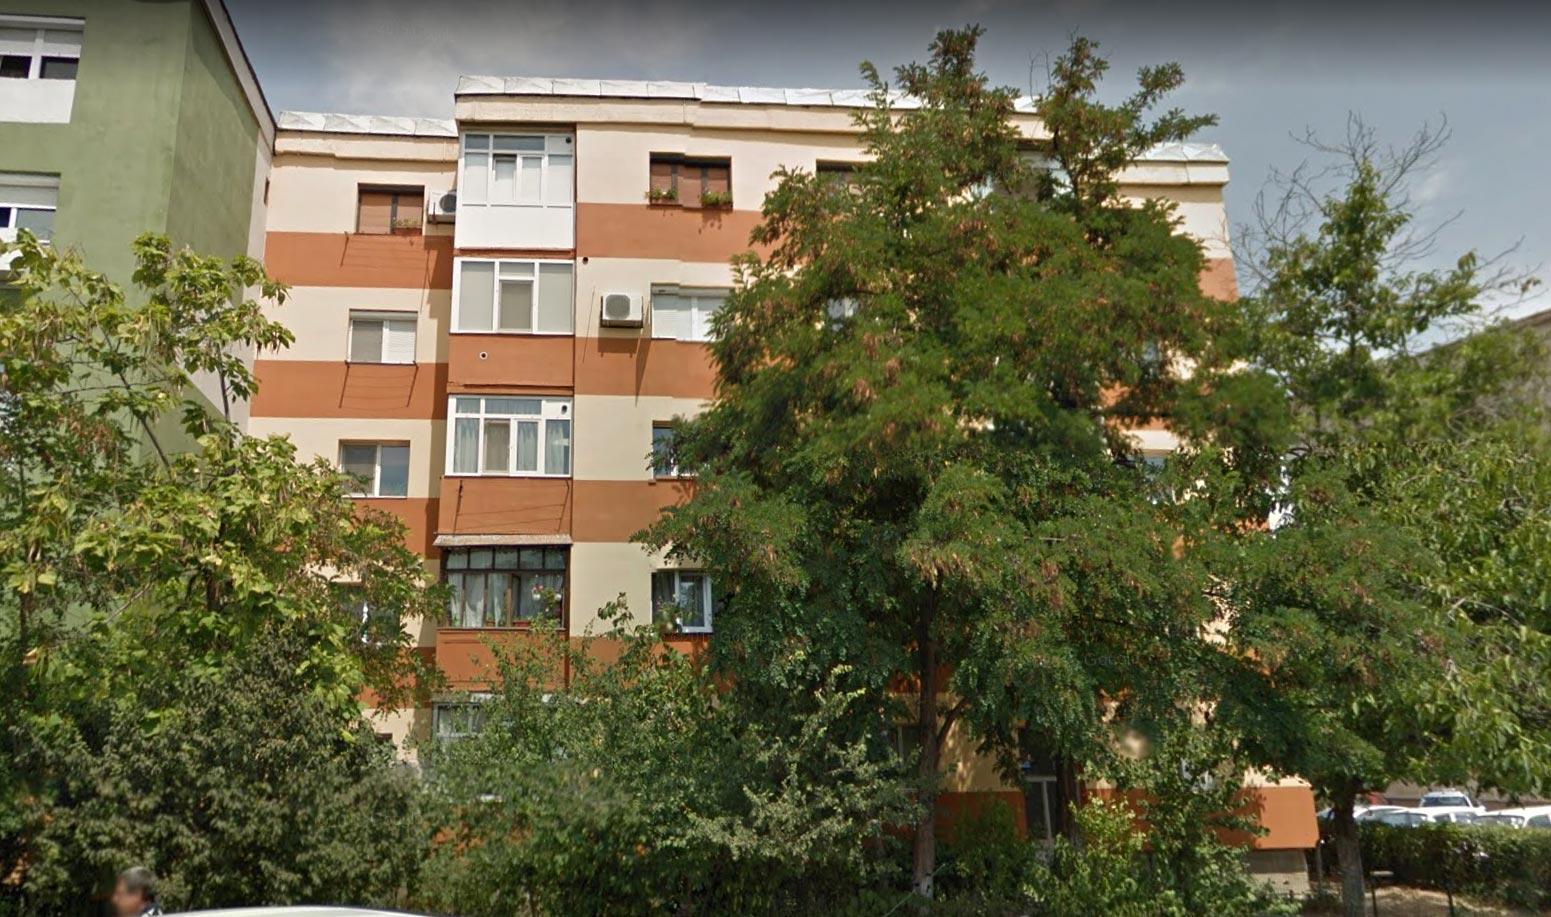 Apartament 2 camere, 48,52mp, Craiova, jud. Dolj